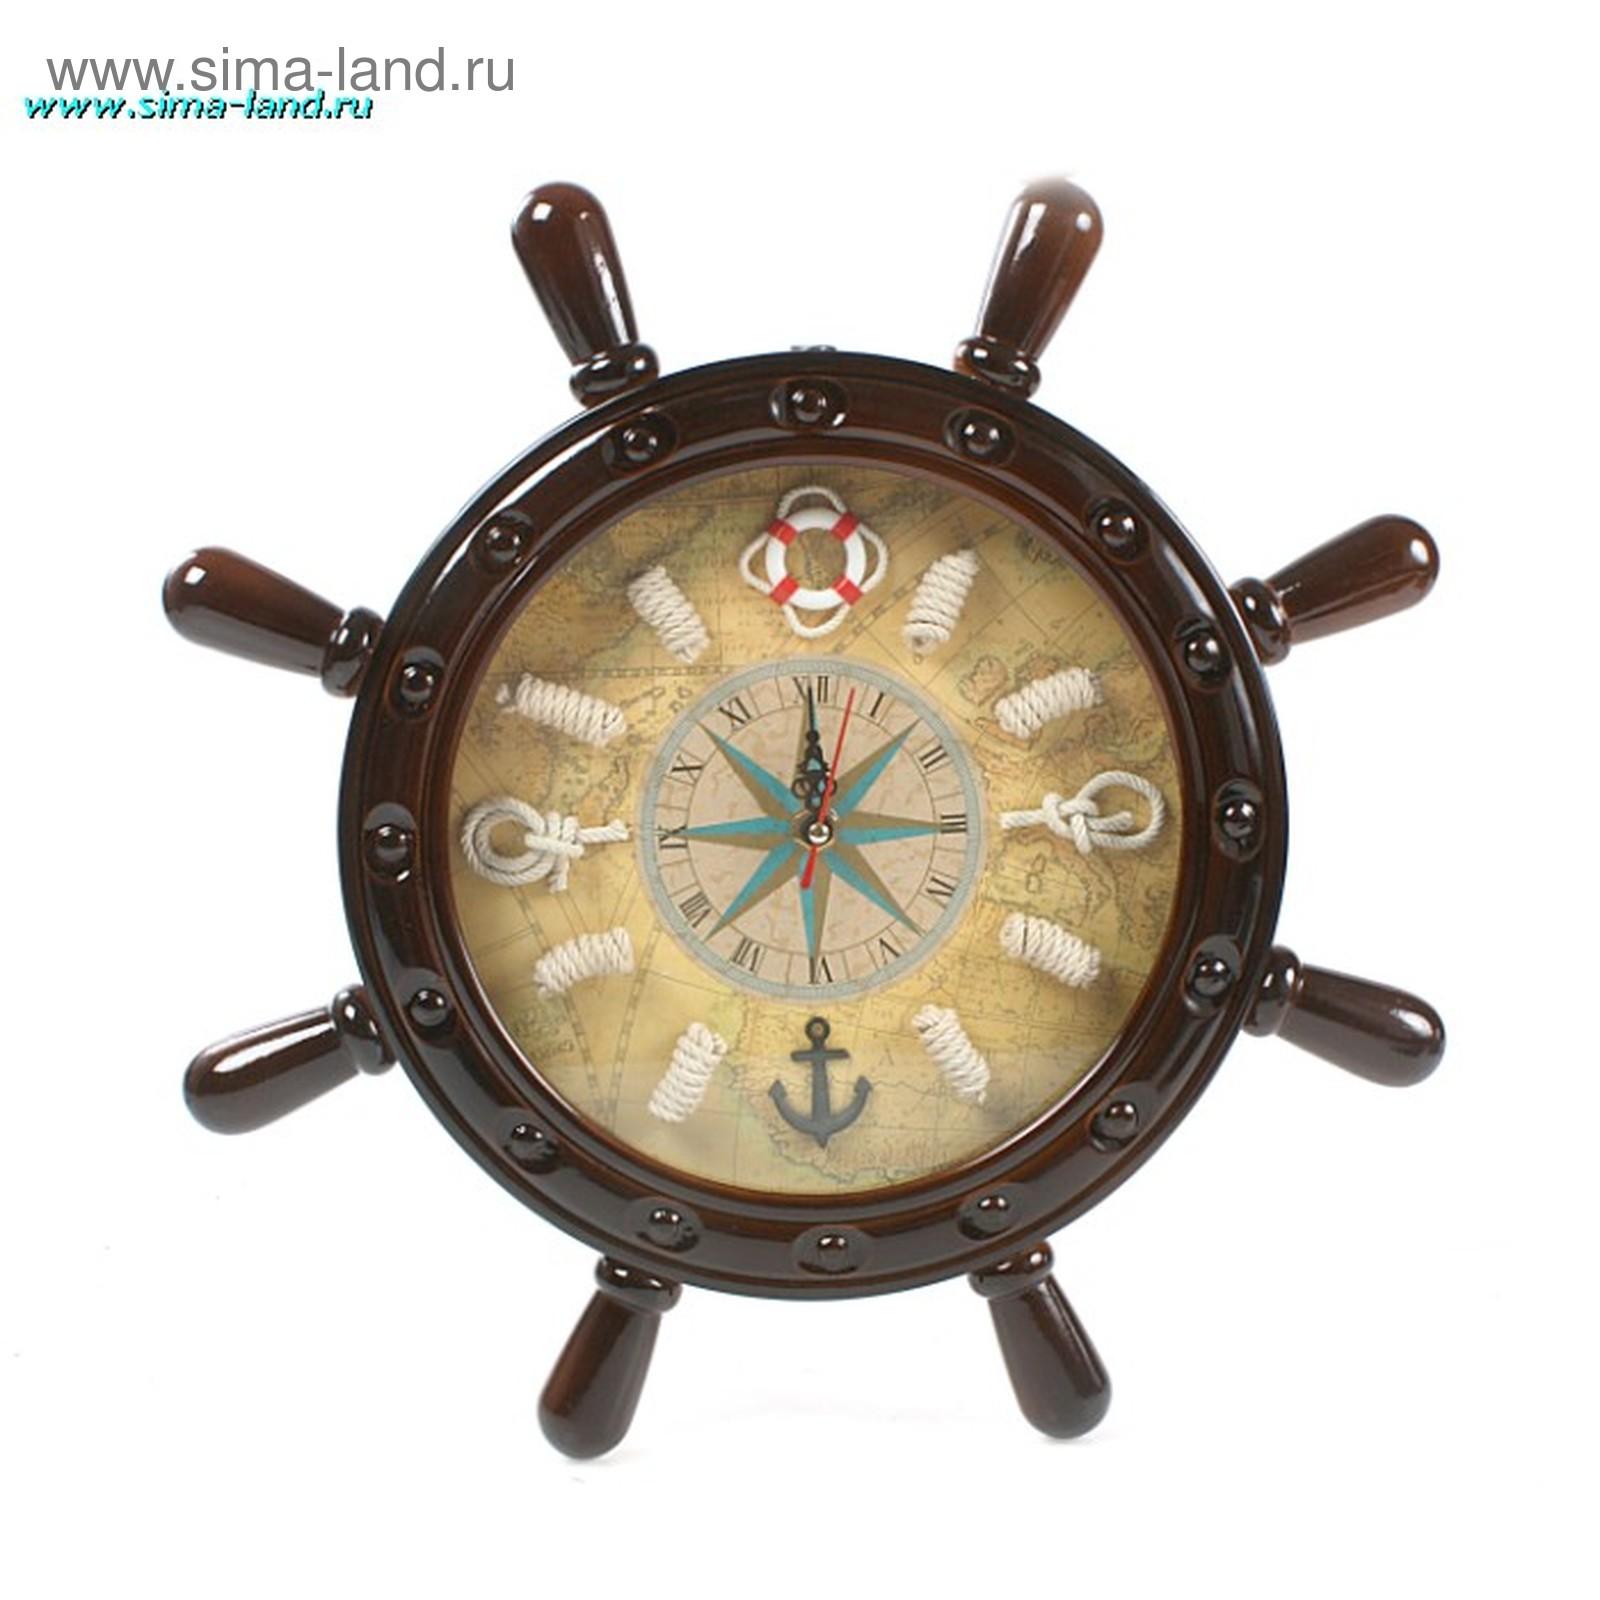 Часы штурвал купить интернет магазин куплю часы за 1000 руб